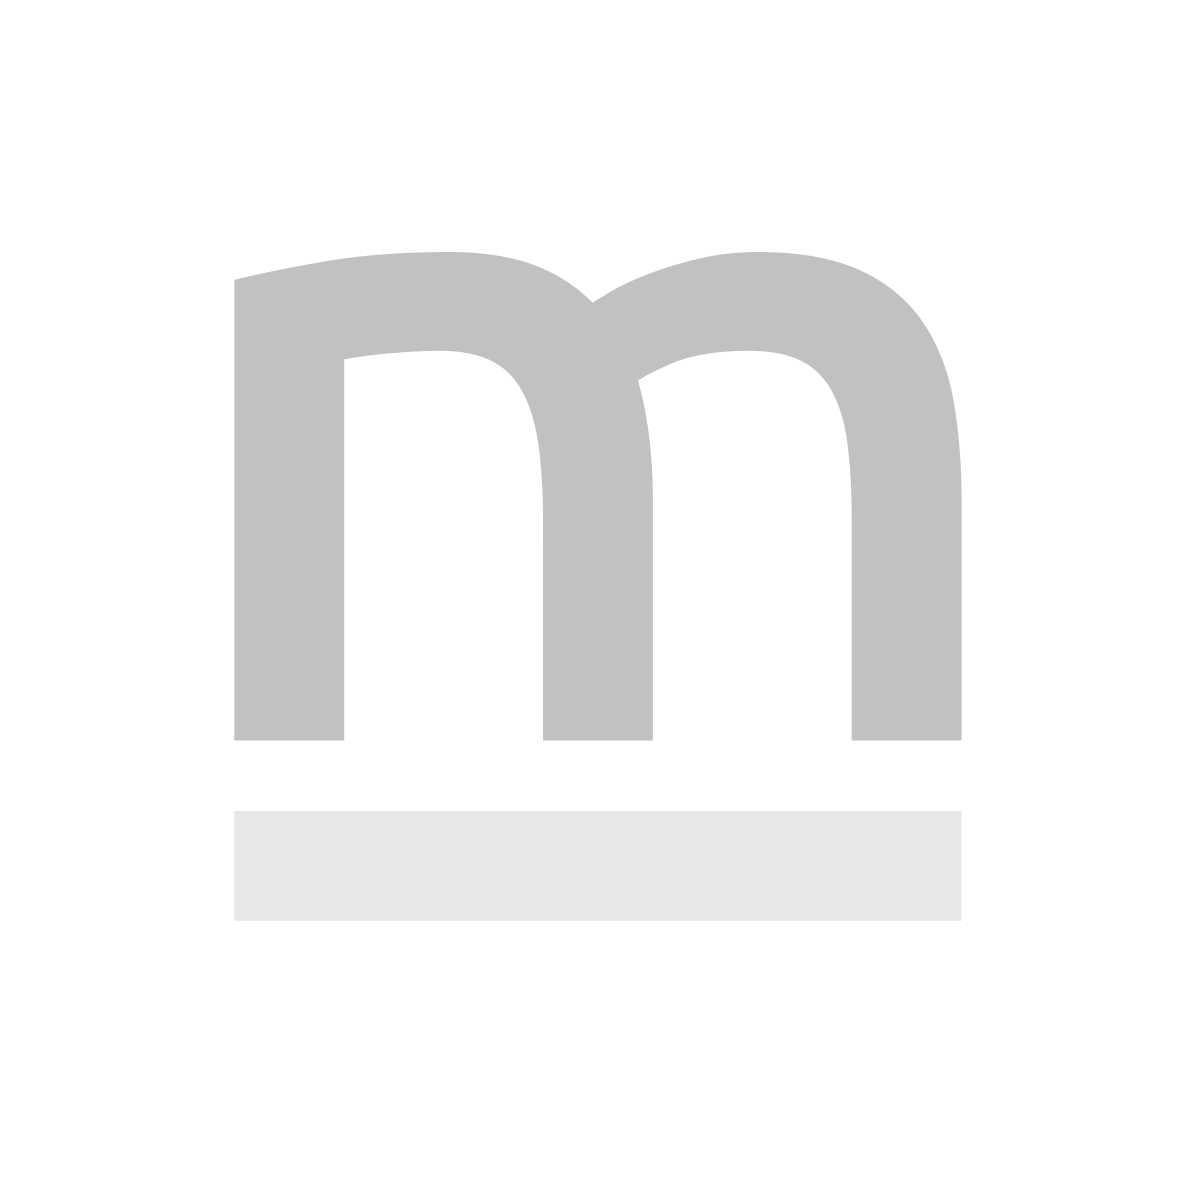 Łóżko CANOPY bukowe 160x200 z baldachimem